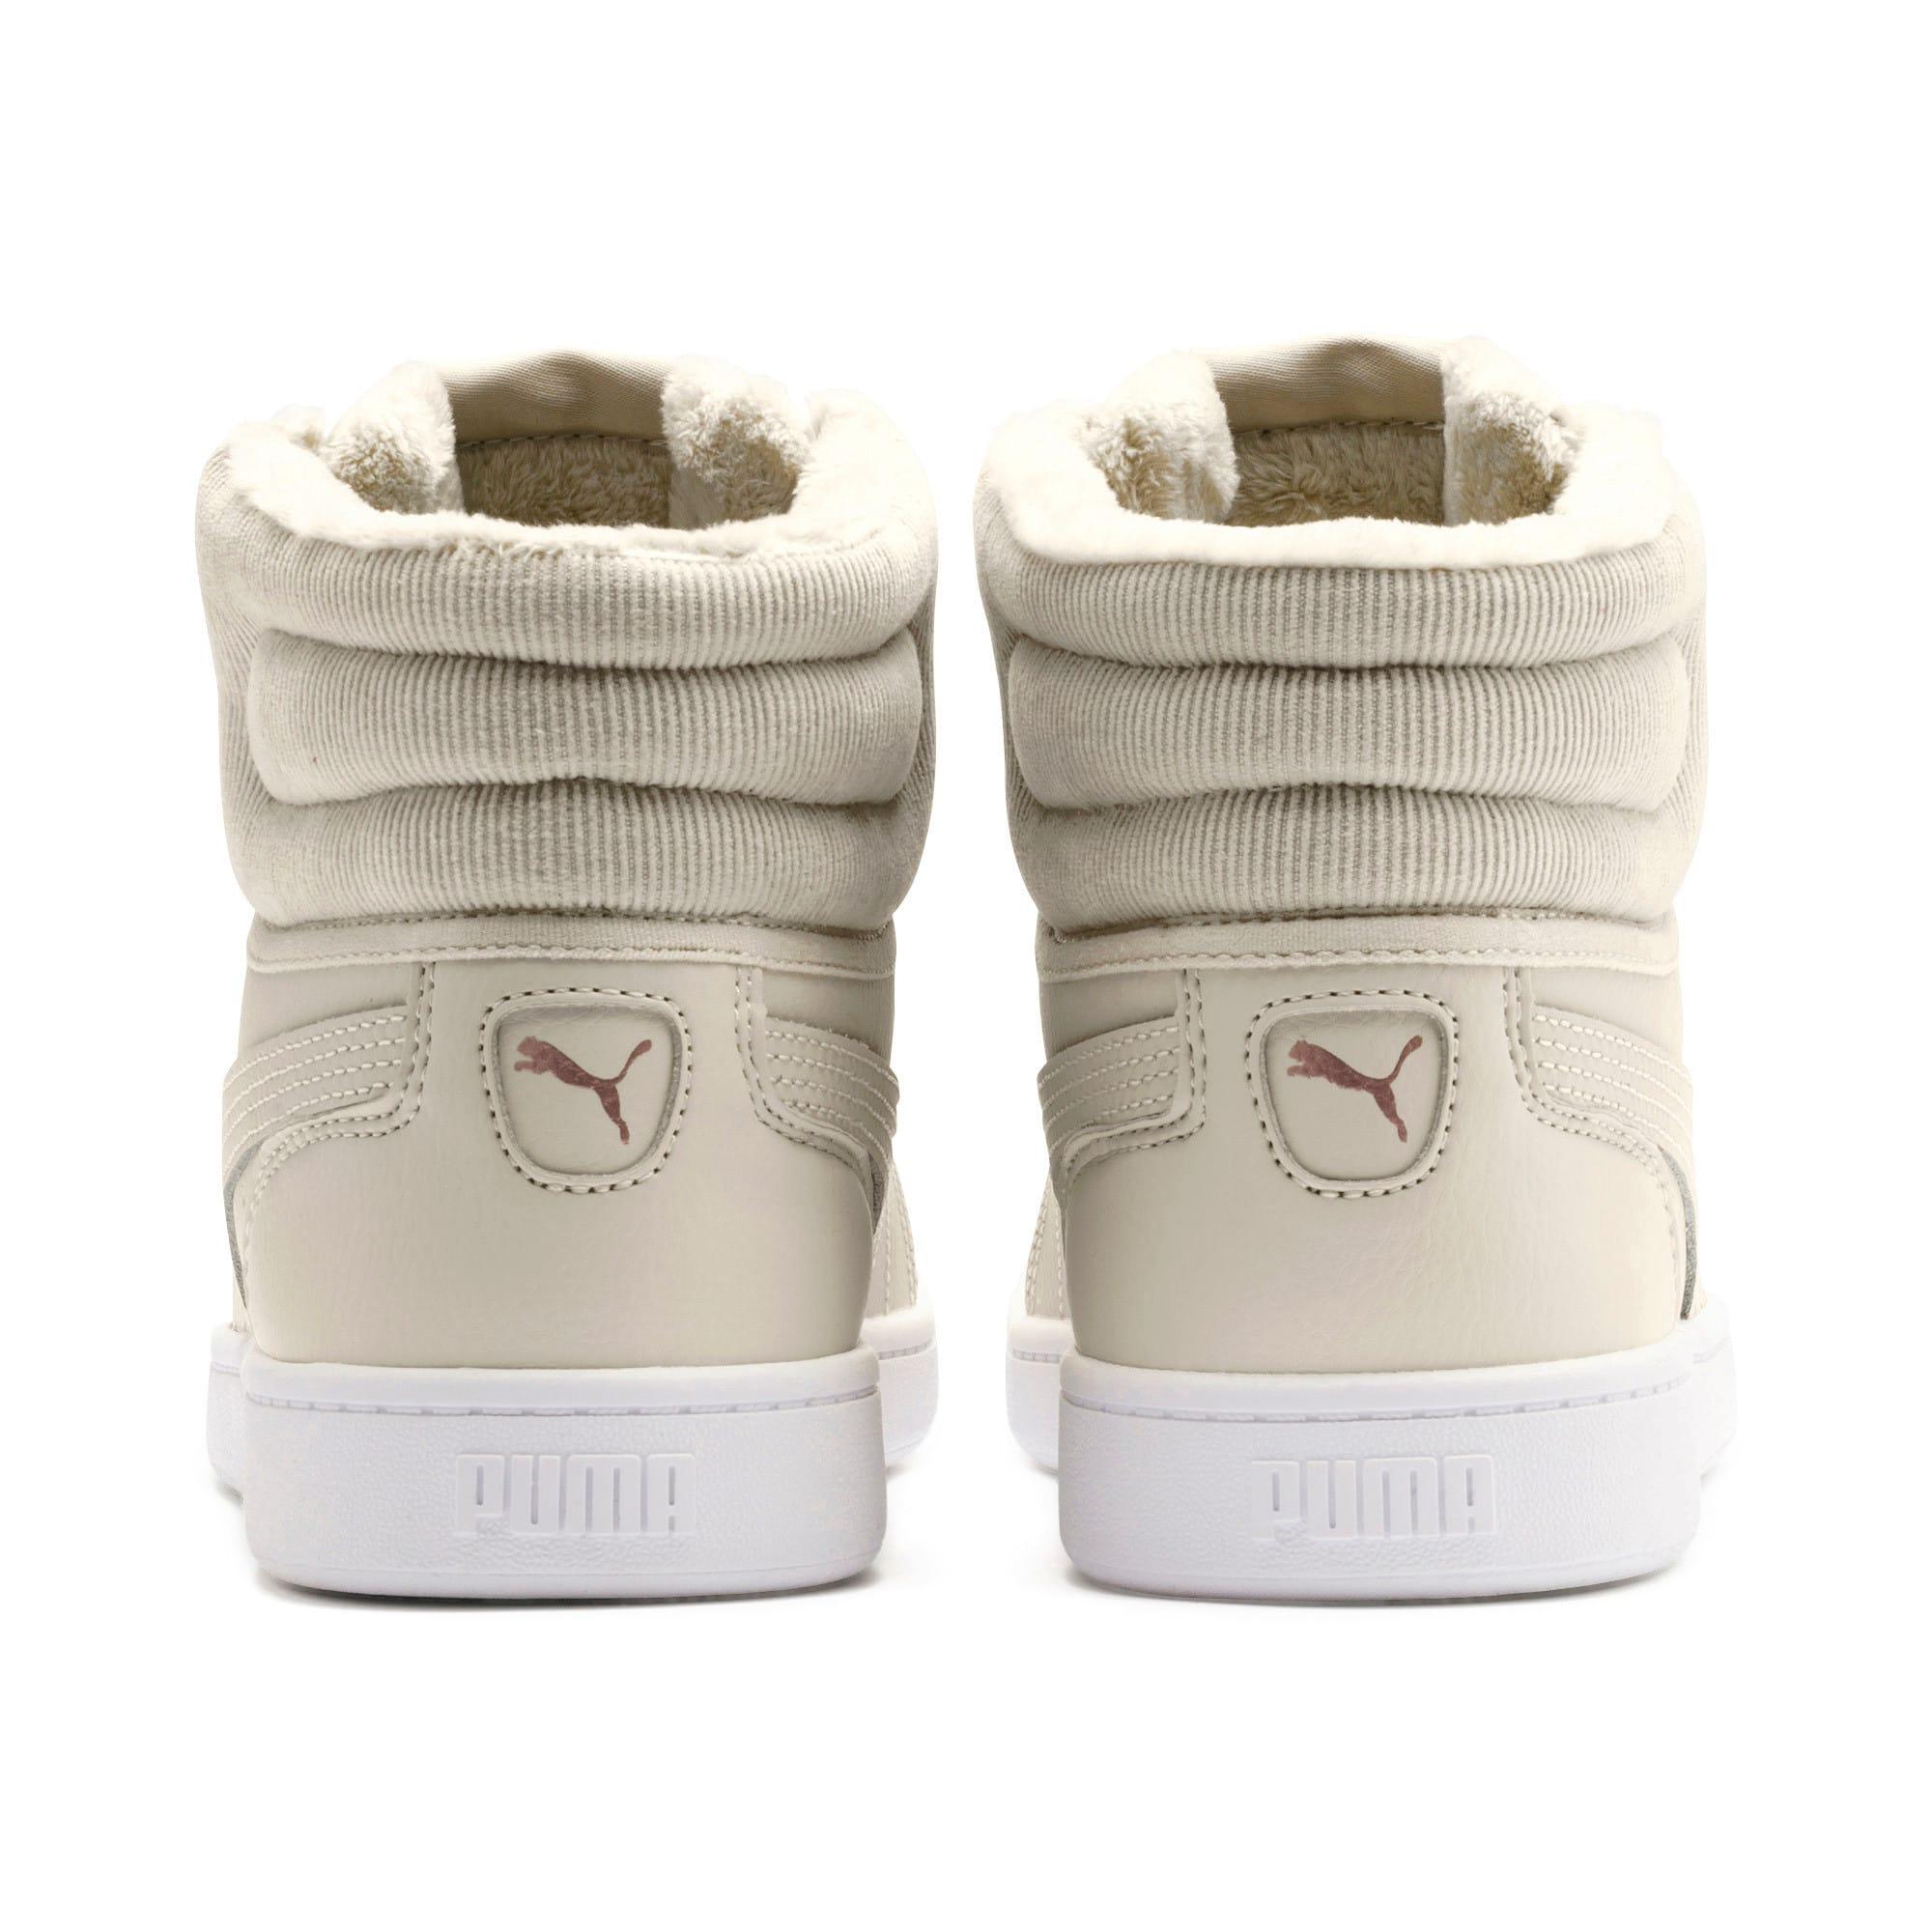 Thumbnail 4 of PUMA Vikky v2 Mid Winter Women's Sneakers, Overcast-Rose Gold-White, medium